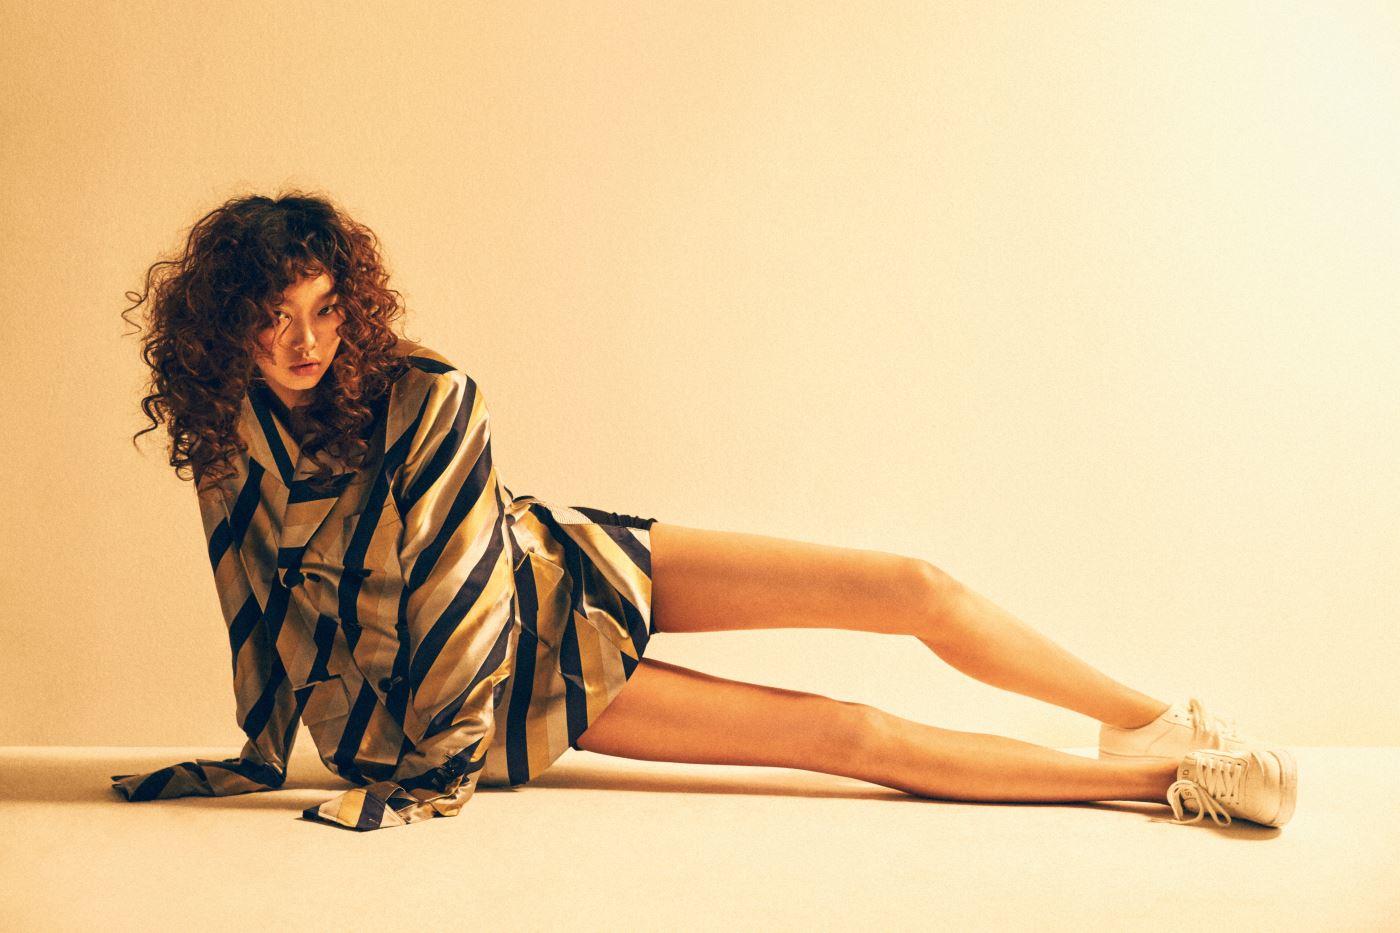 담대한 줄무늬 패턴의 박시한 재킷, 담백한 흰색 스니커즈는 Sewing Boundaries 제품.